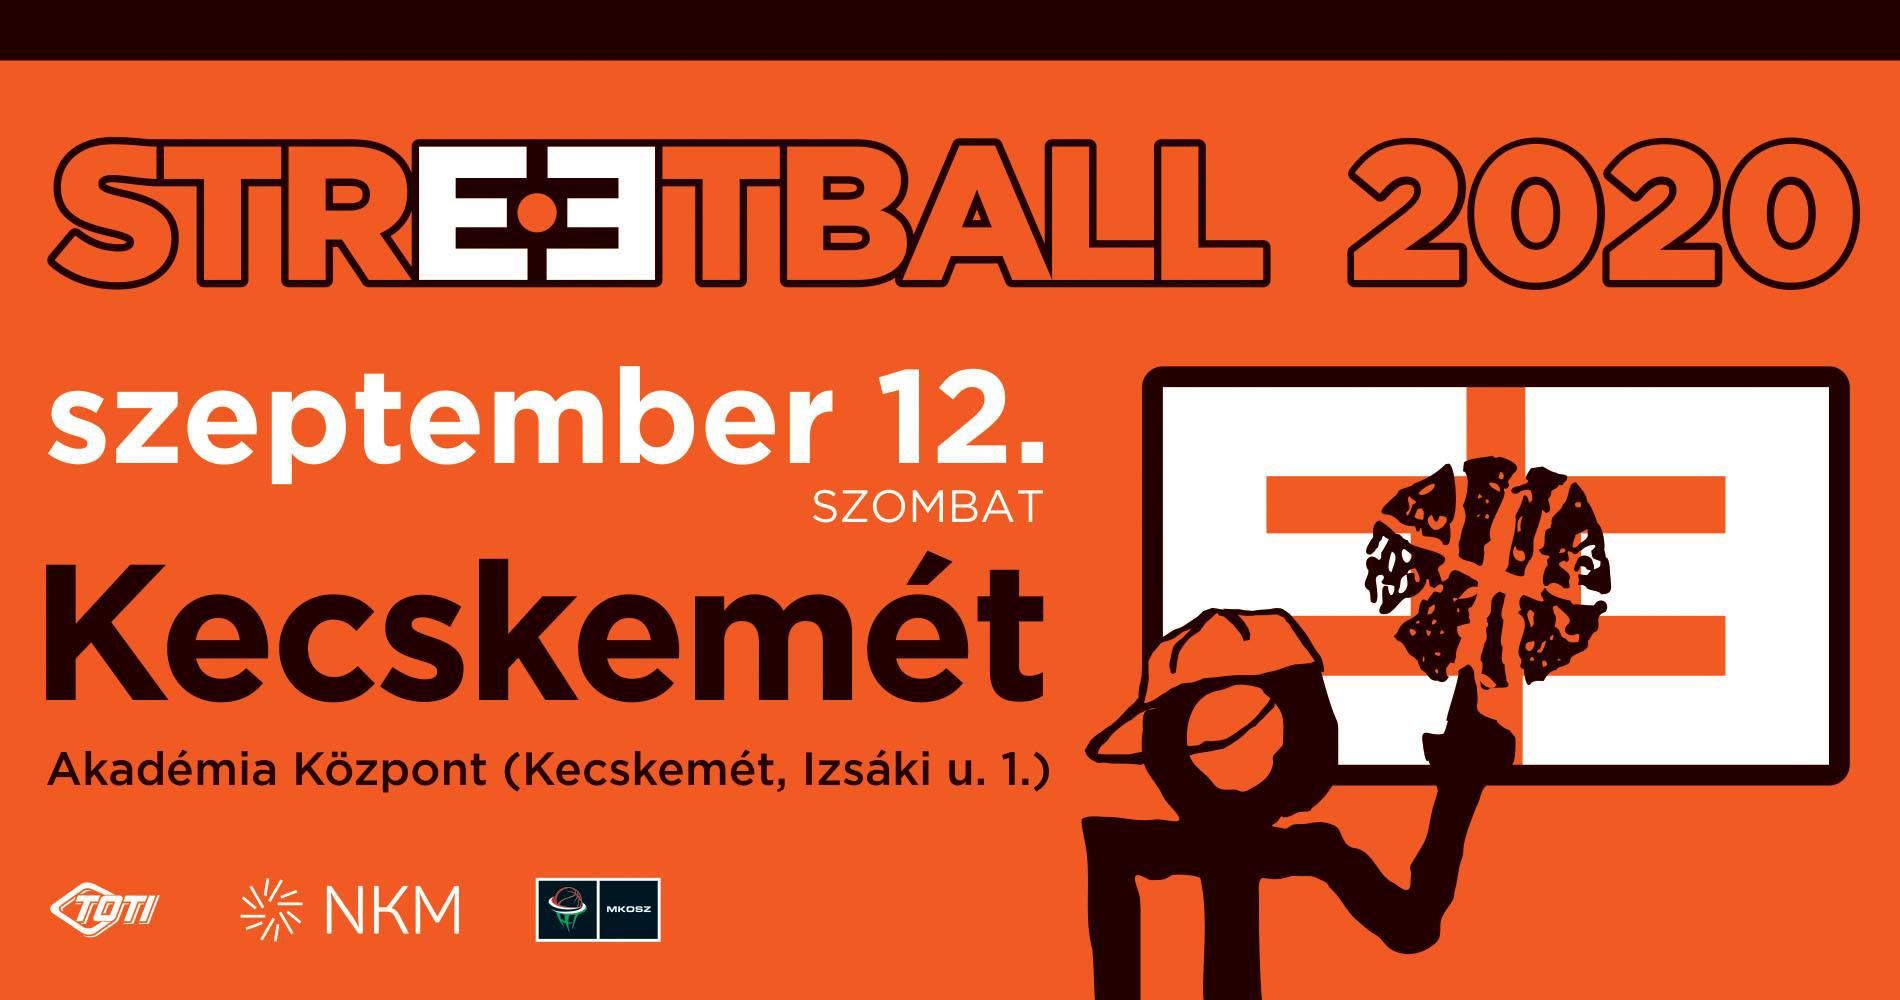 Streetball: következik Kecskemét